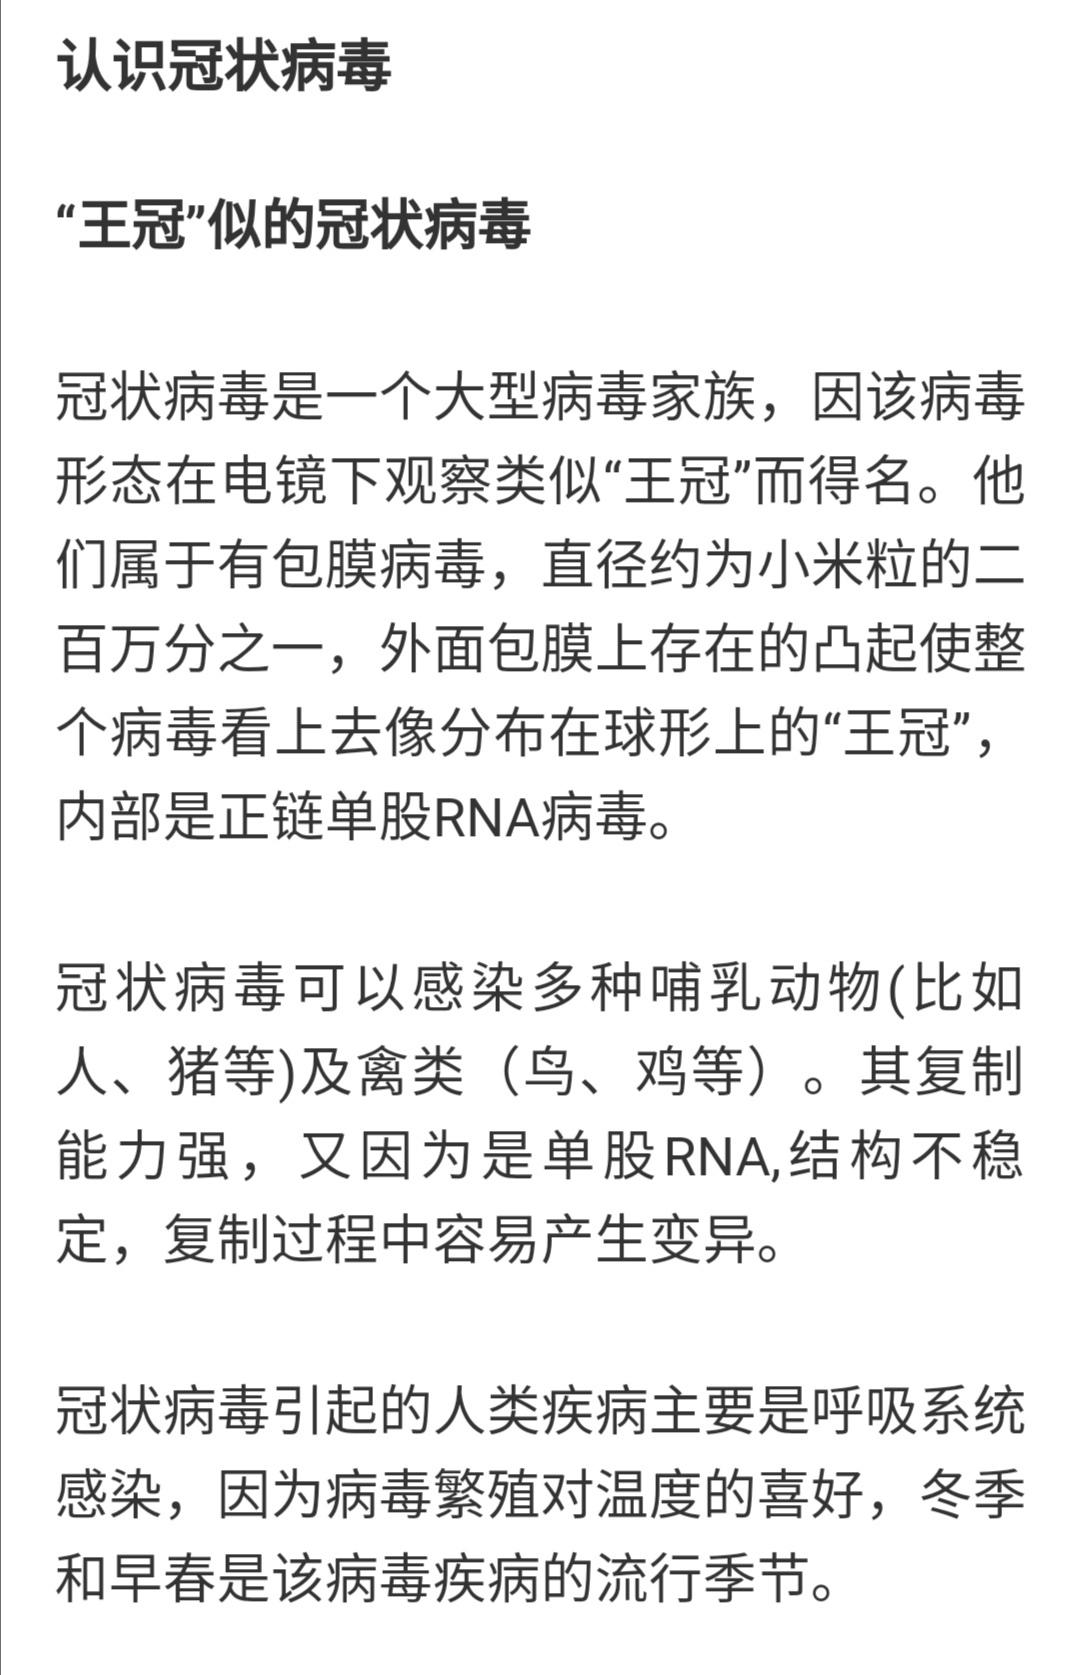 北京协和医院新型冠状病毒感染大众防护问答3.0节选